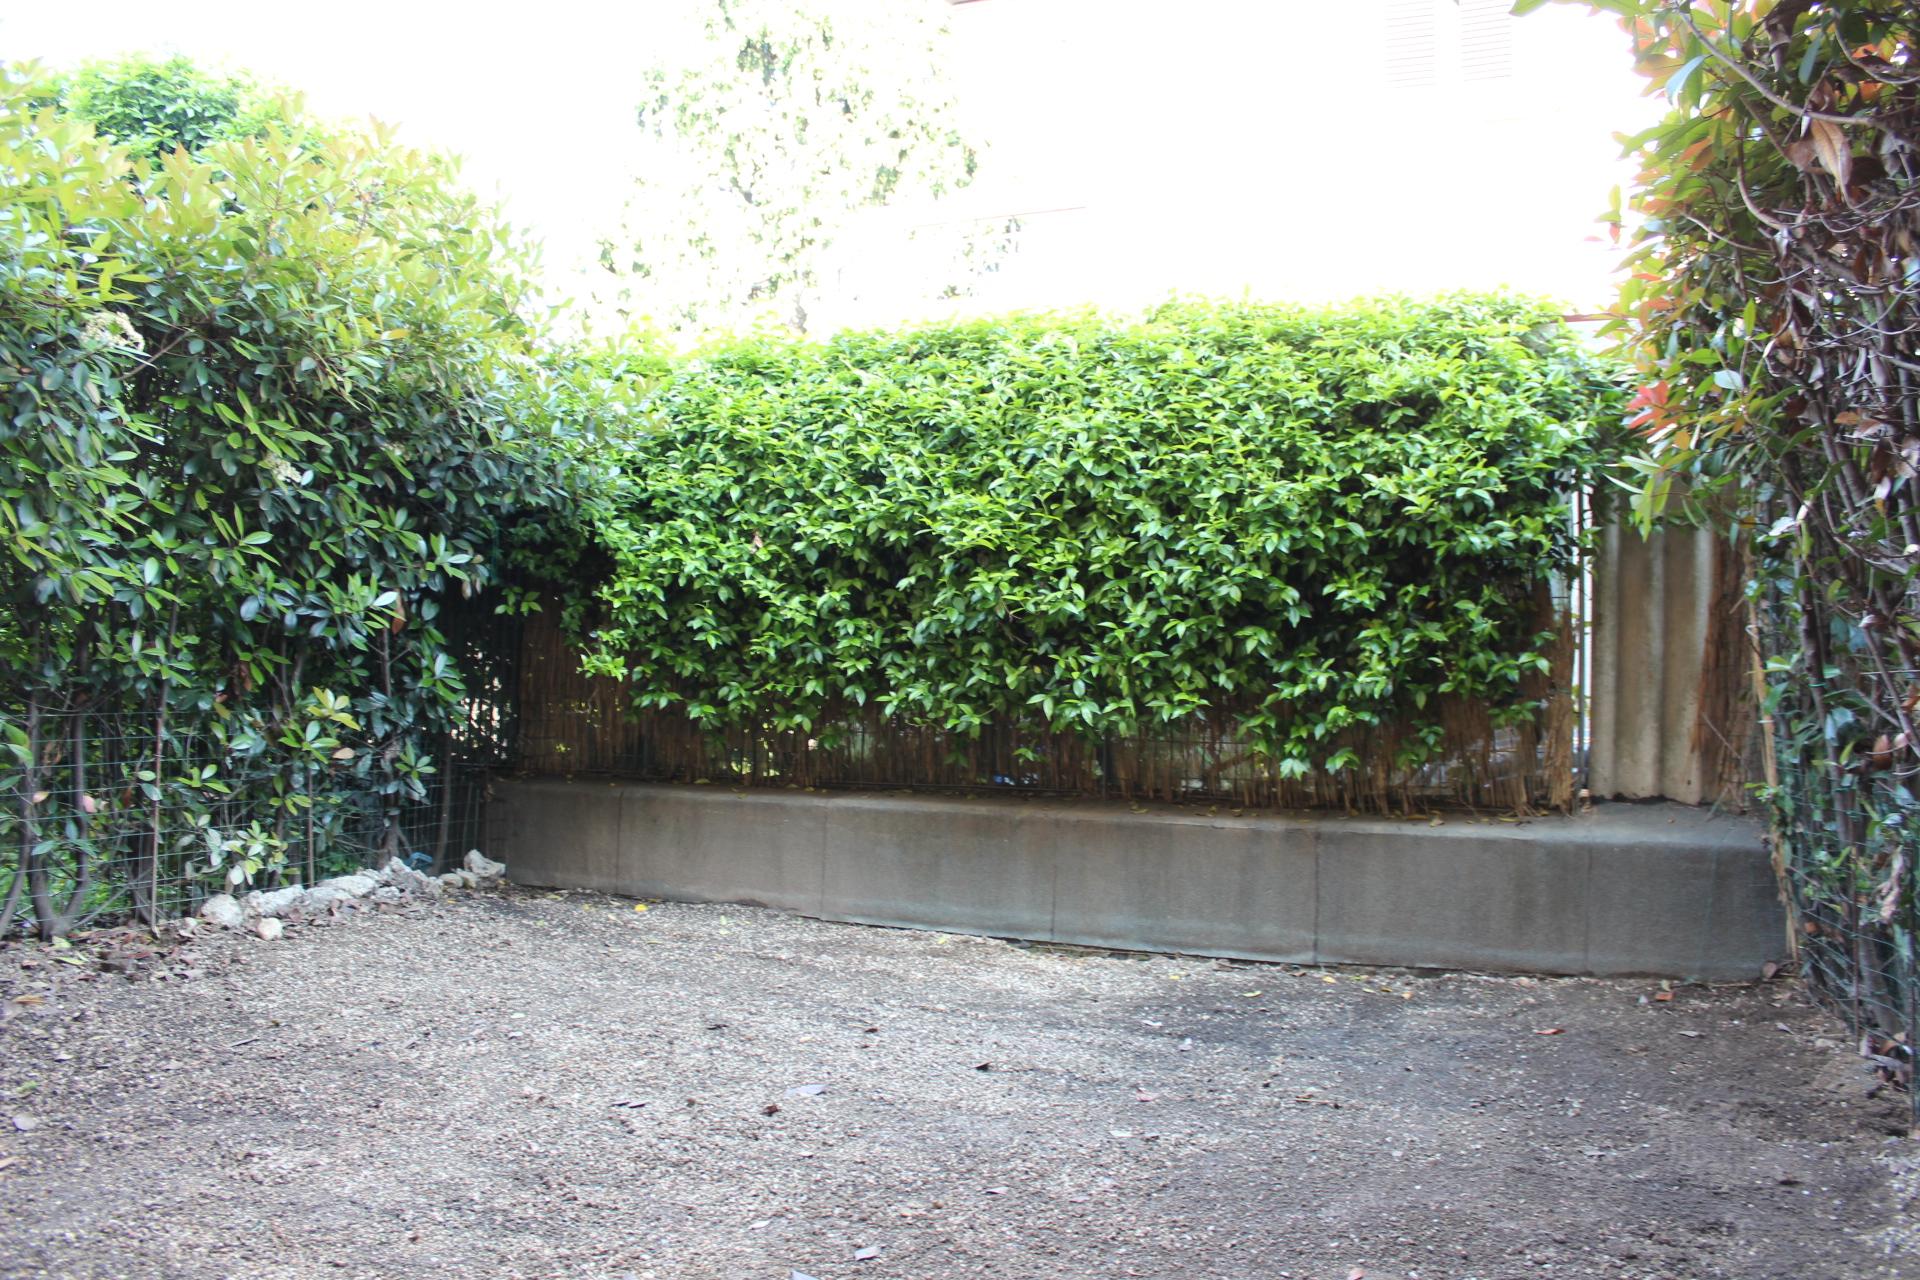 Affitto casa con giardino bergamo a immobiliare agenzia immobiliare nembro - Affitto casa con giardino ...